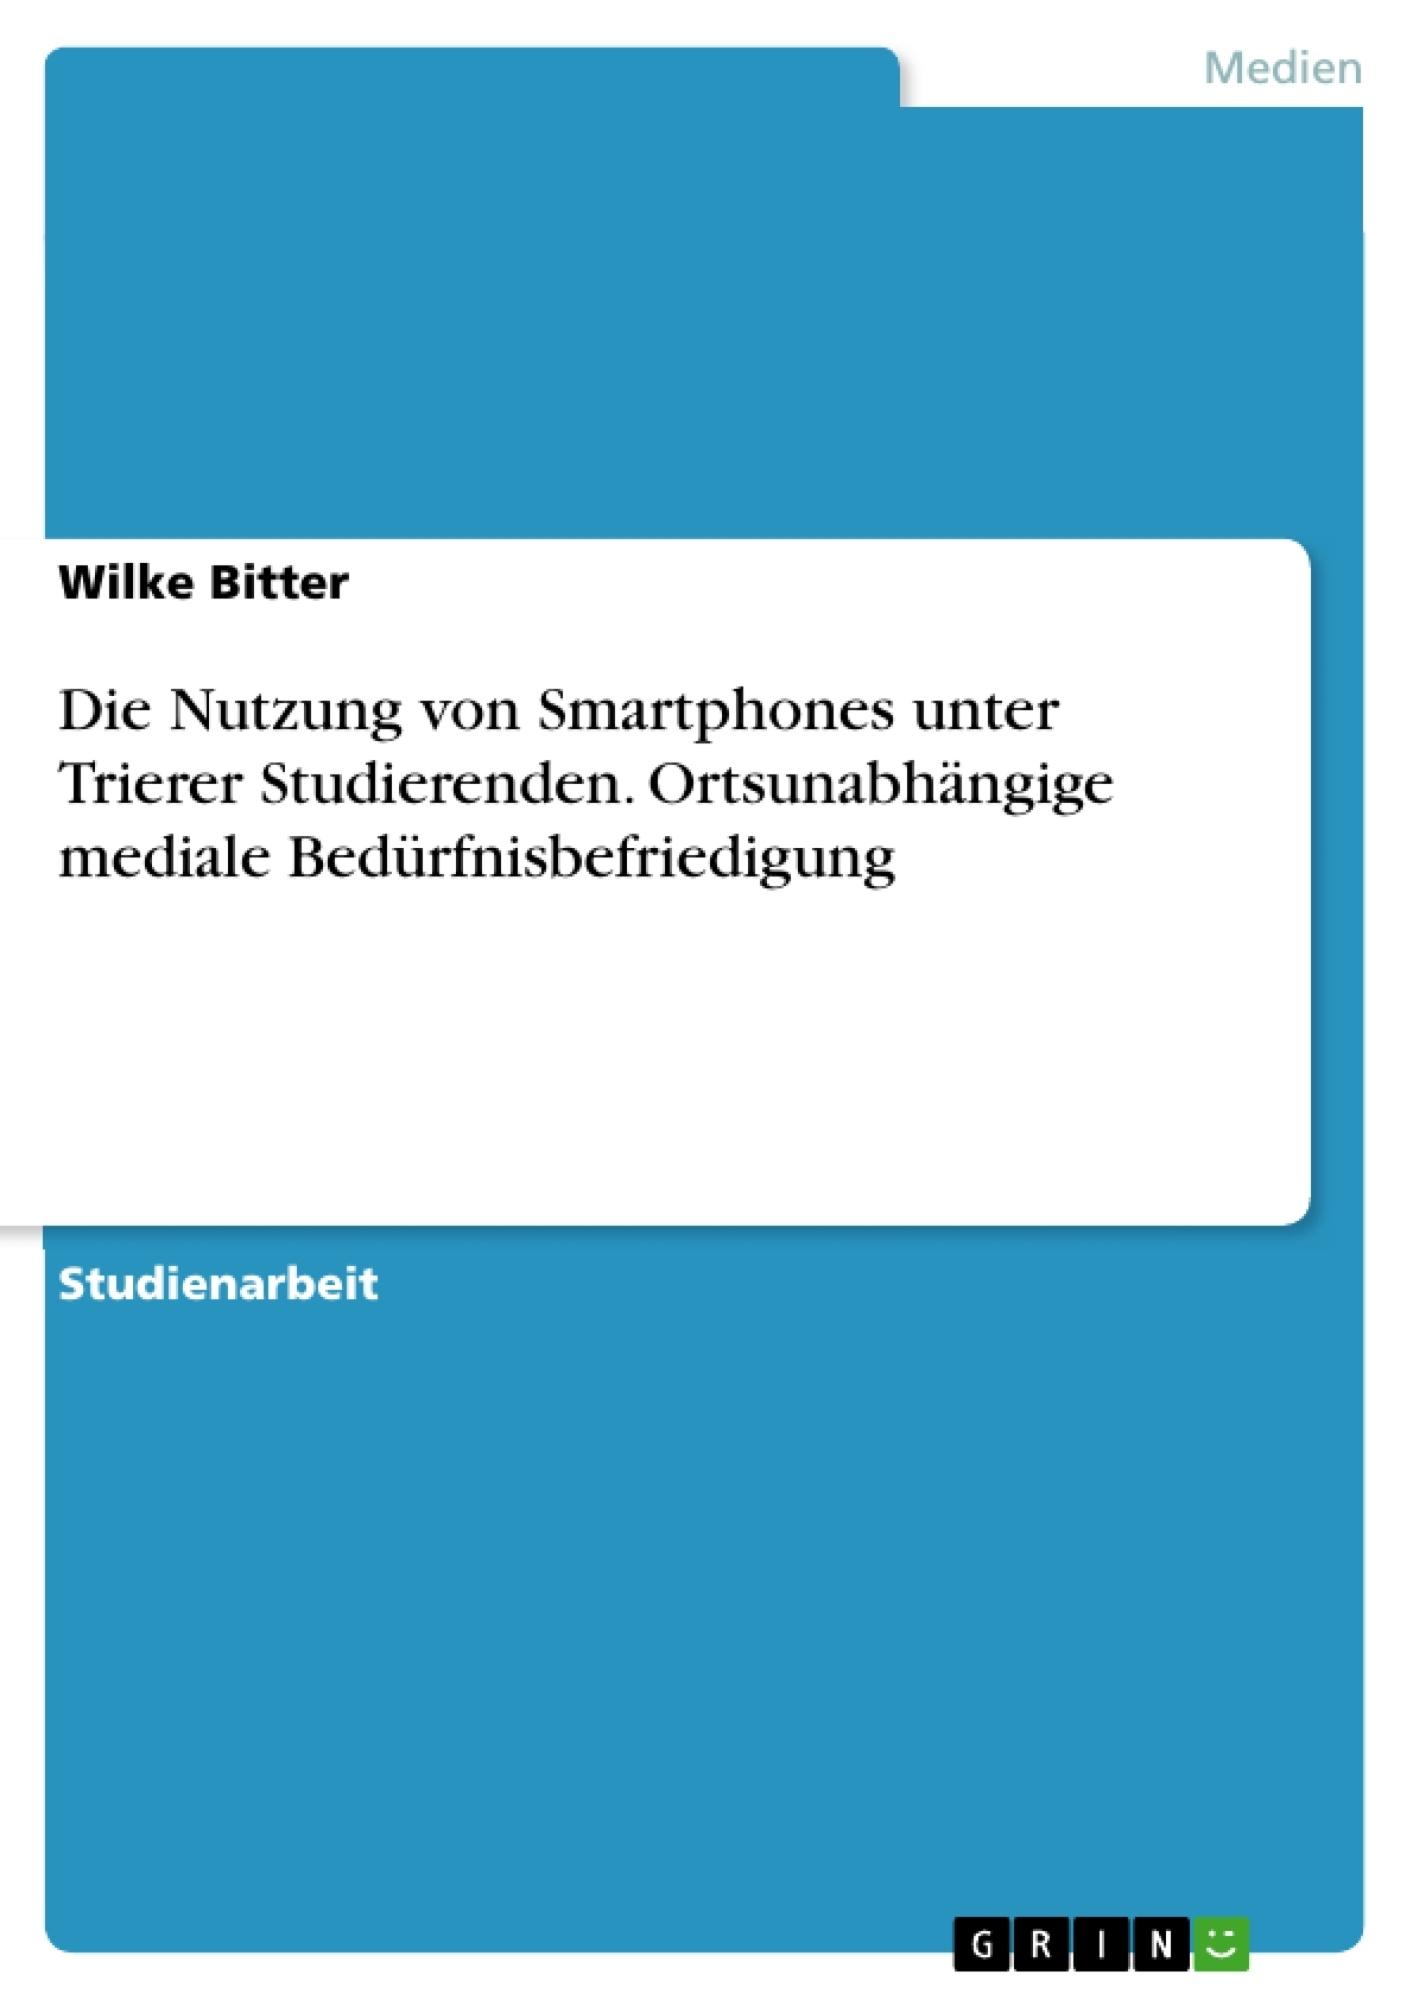 Titel: Die Nutzung von Smartphones unter Trierer Studierenden. Ortsunabhängige mediale Bedürfnisbefriedigung